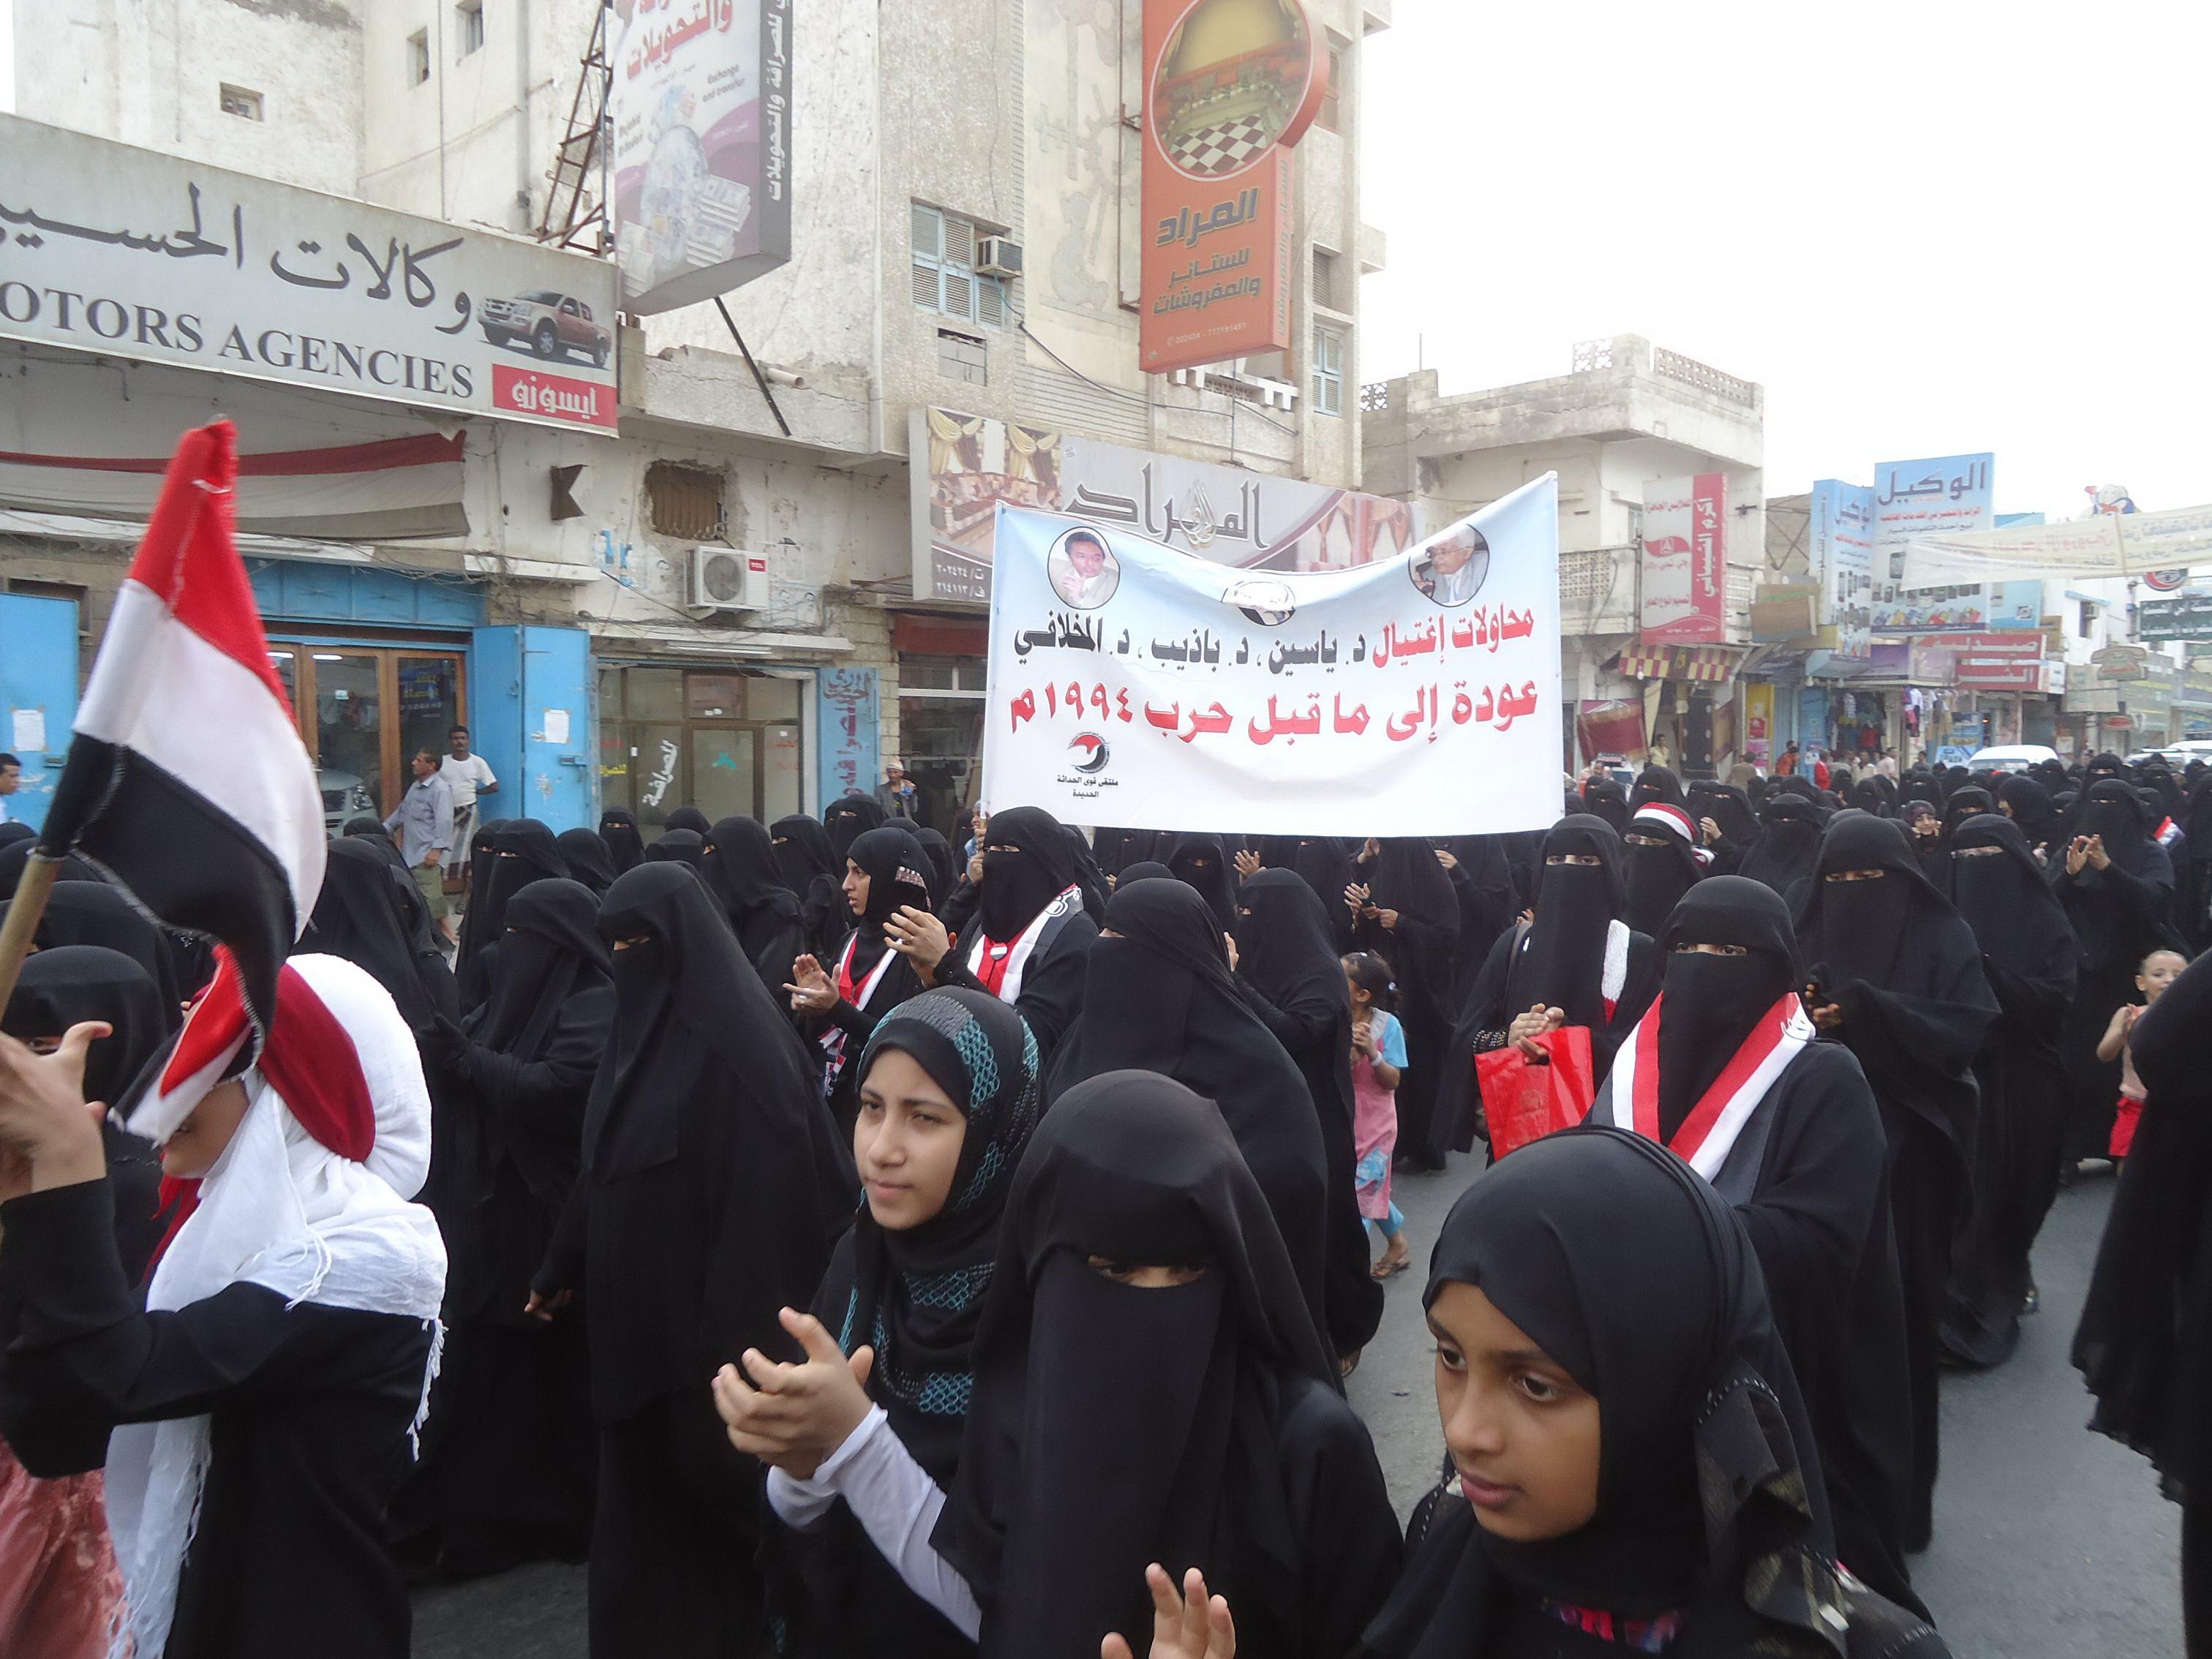 1  الحديدة : مسيرة حاشدة تطالب بسرعة الكشف عن الجناة الذين يحاولون تصفية الرموز الوطنية